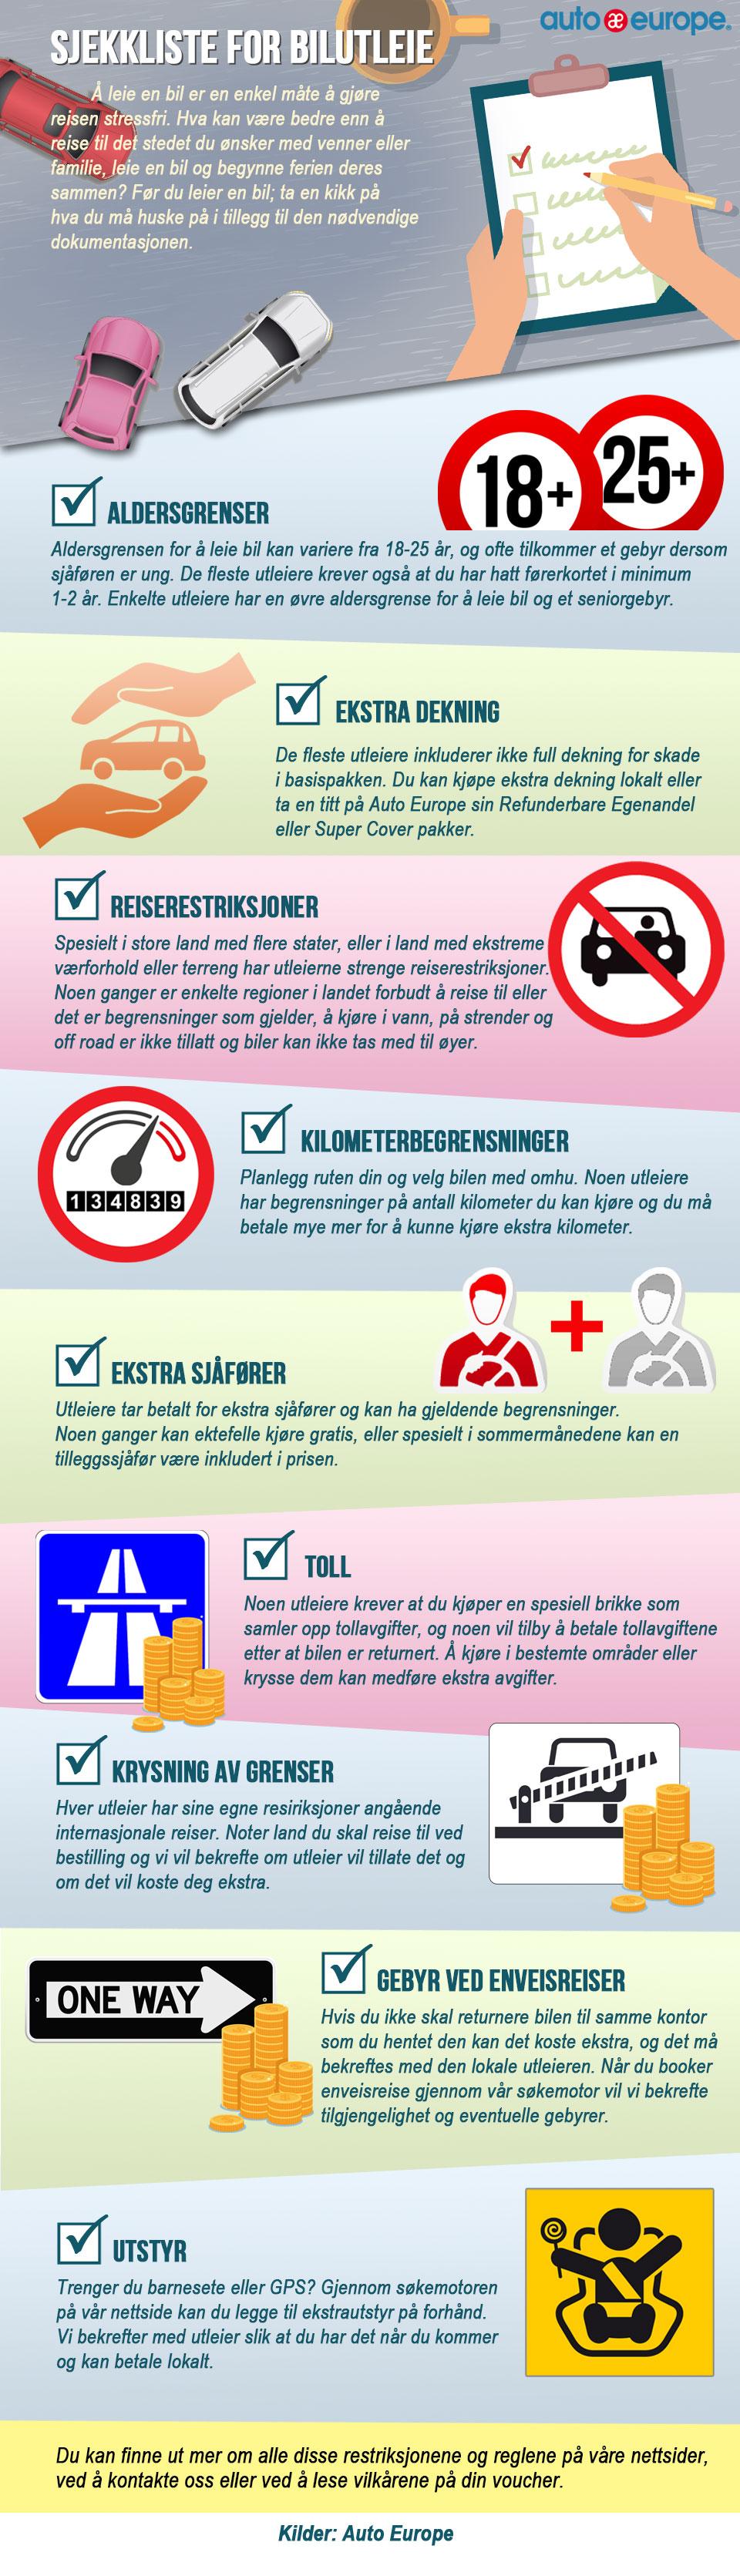 Sjekkliste for bilutleie